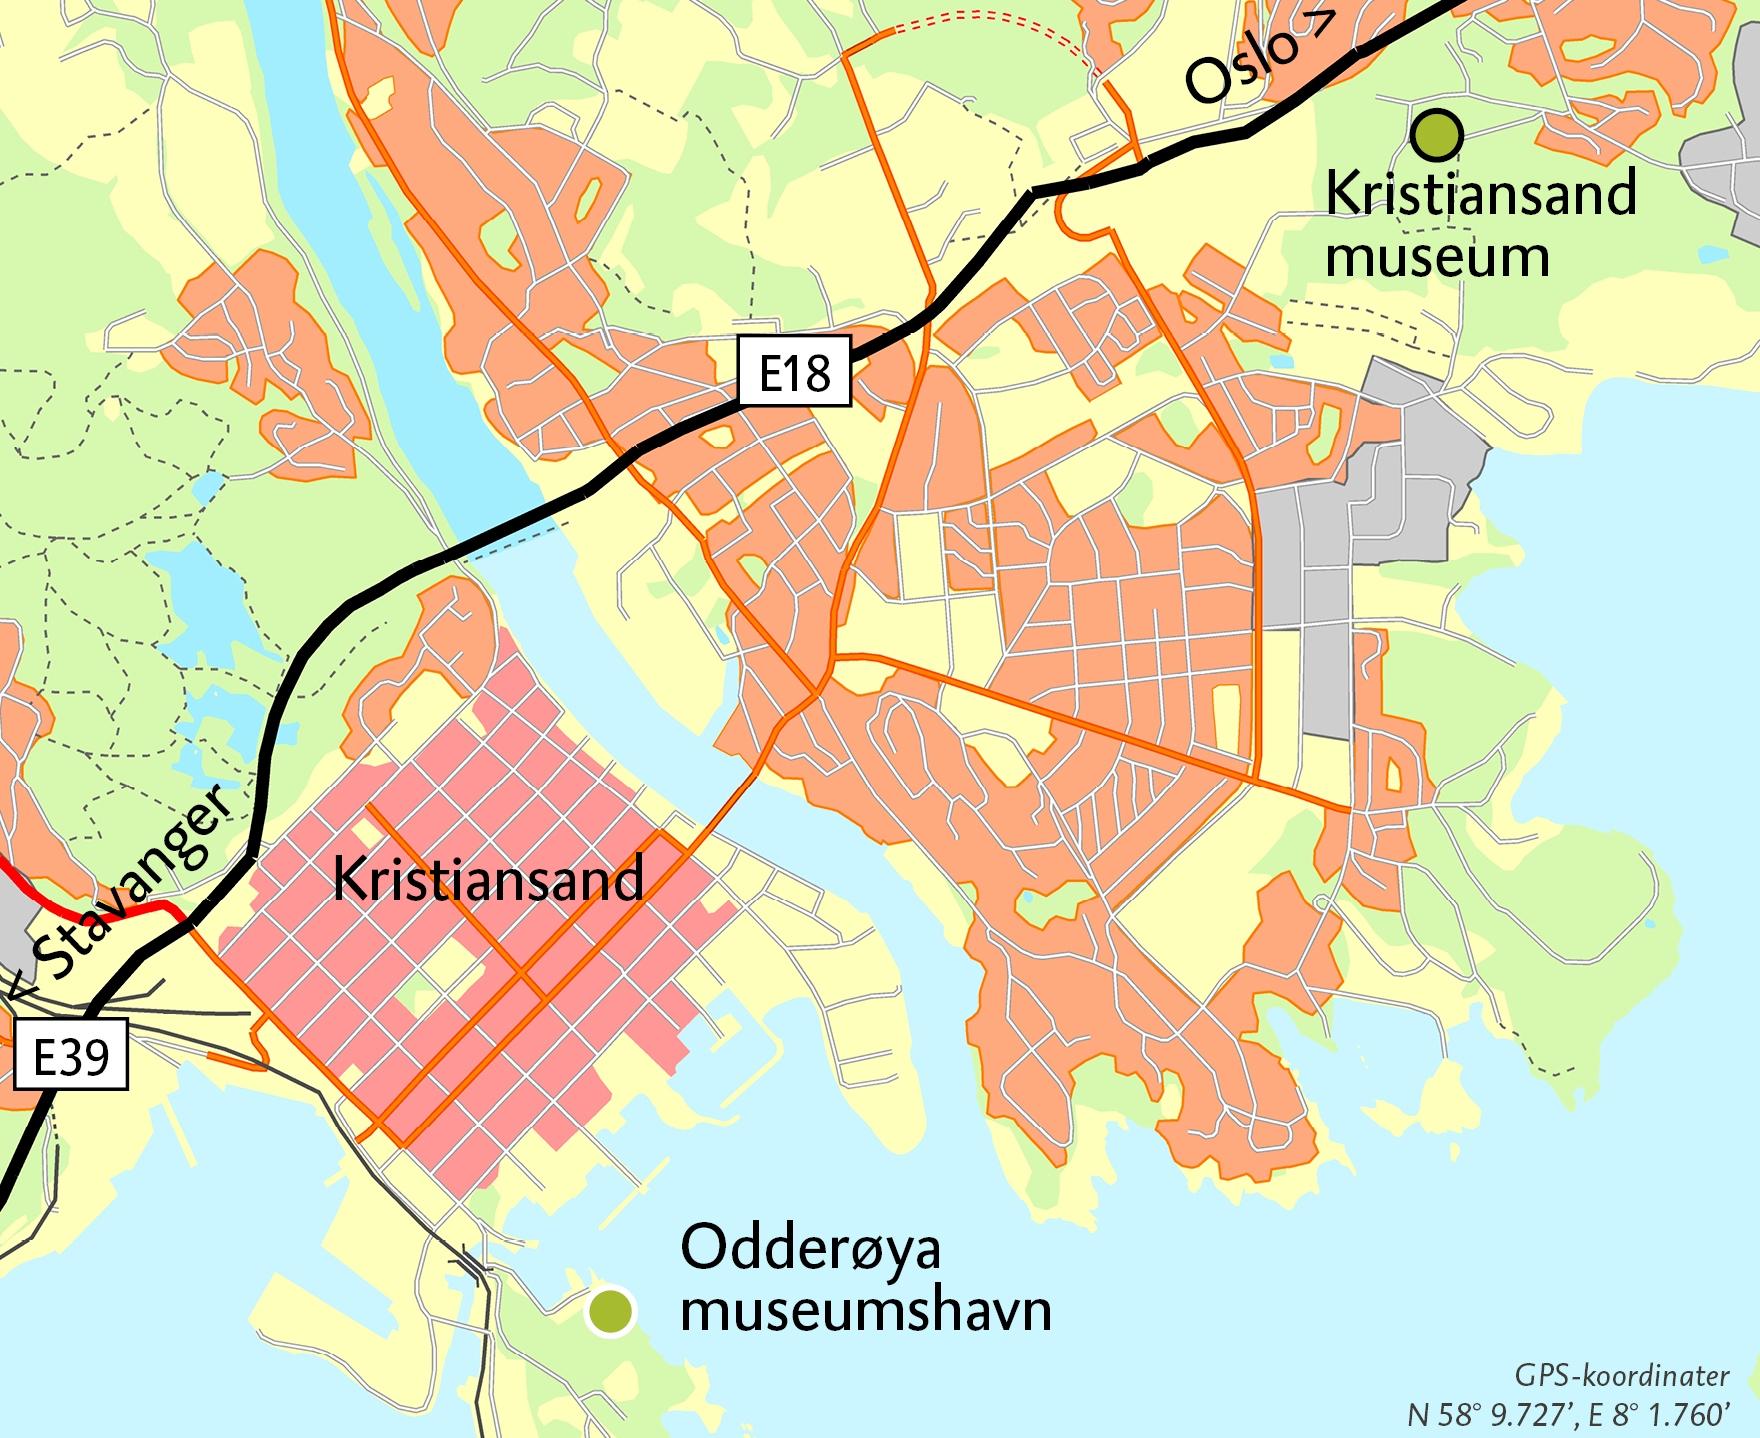 kristiansand kart Vest Agder museet   Vi forteller din historie kristiansand kart